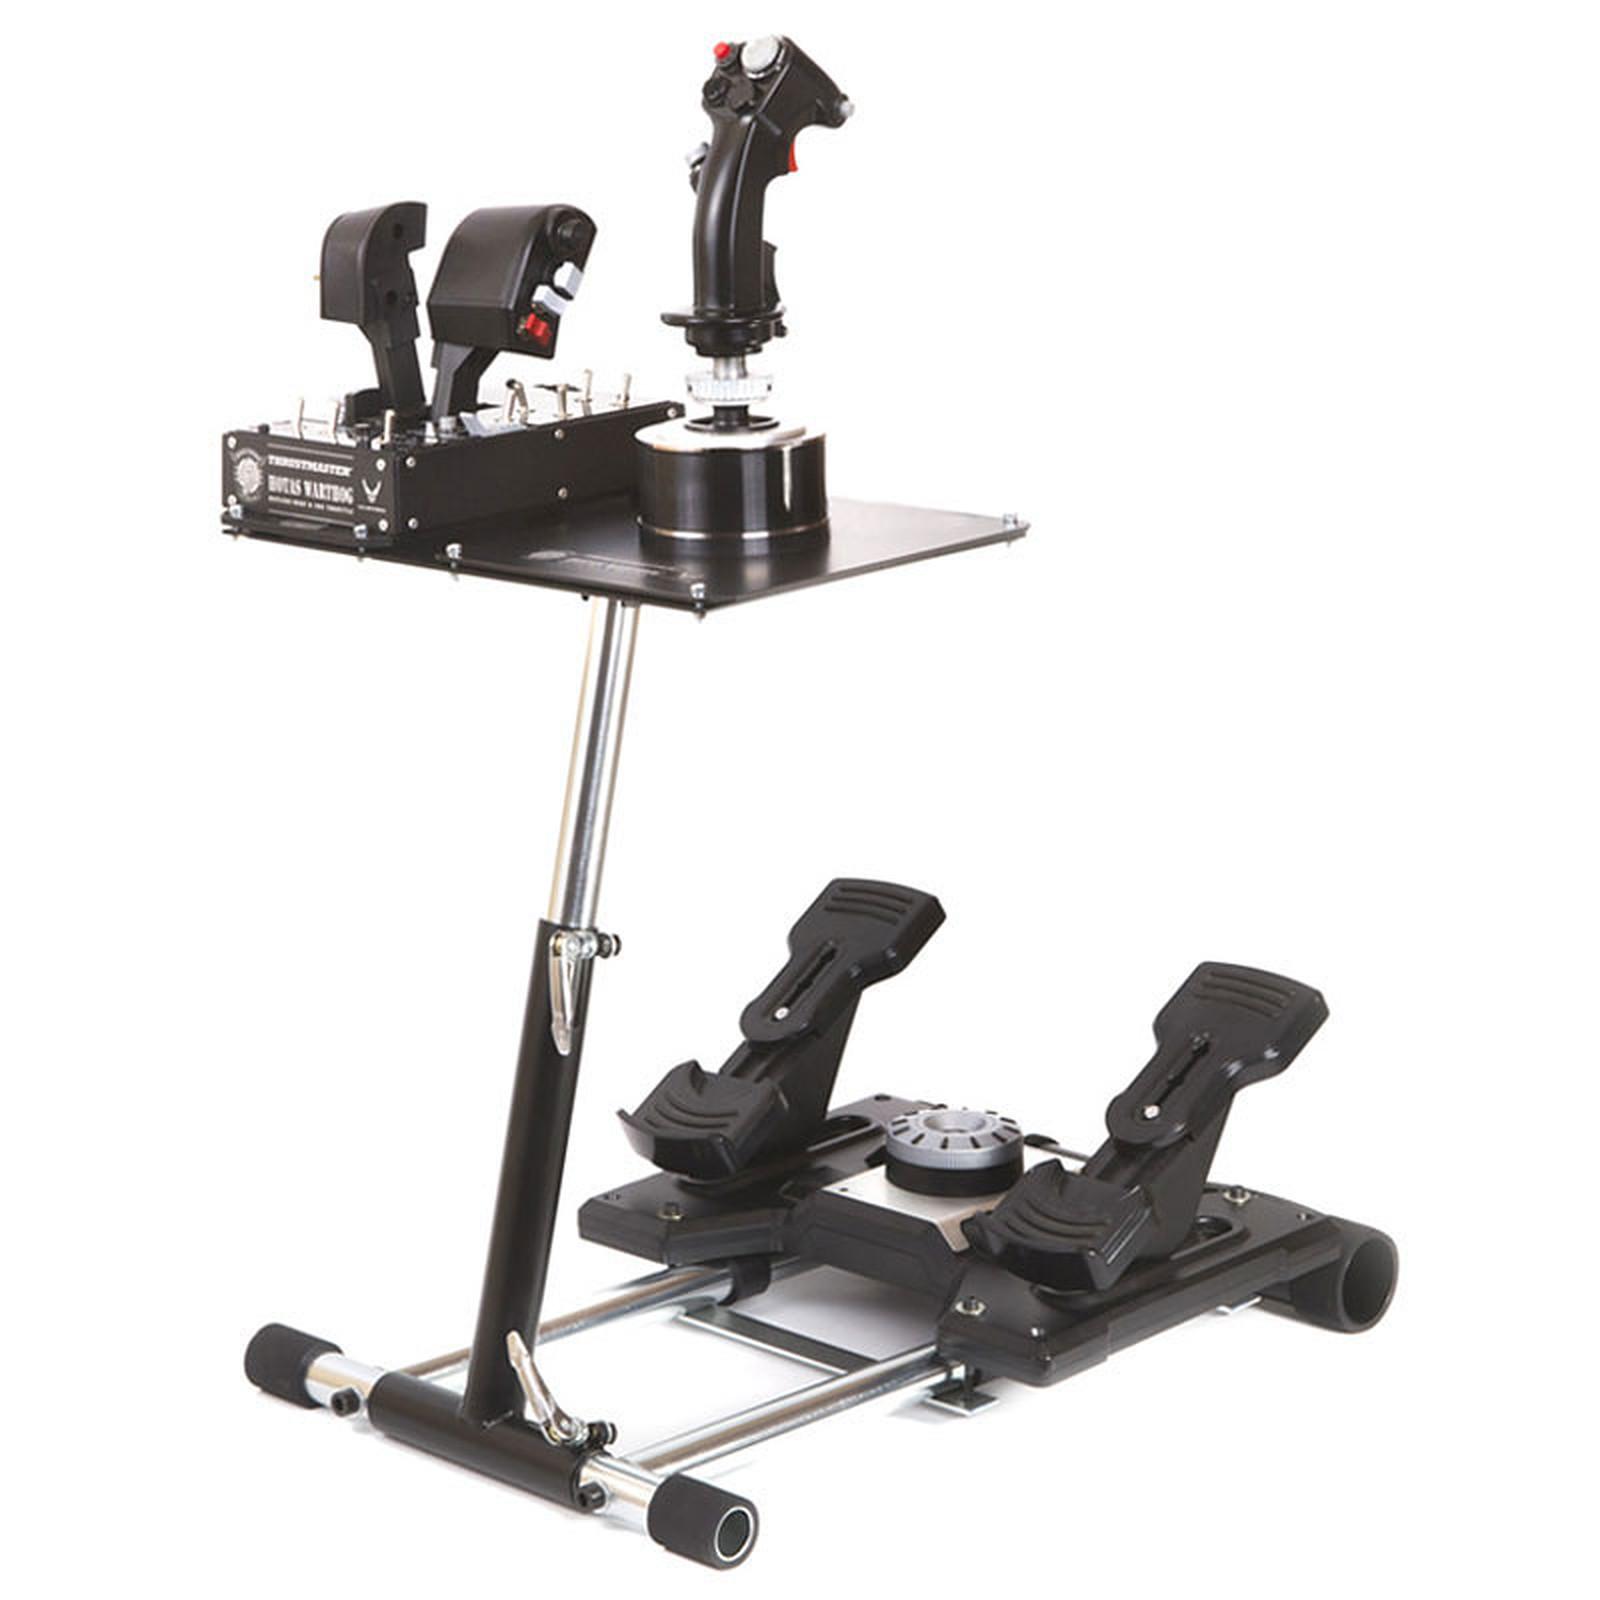 thrustmaster hotas warthog wheel stand pro v2 joystick. Black Bedroom Furniture Sets. Home Design Ideas